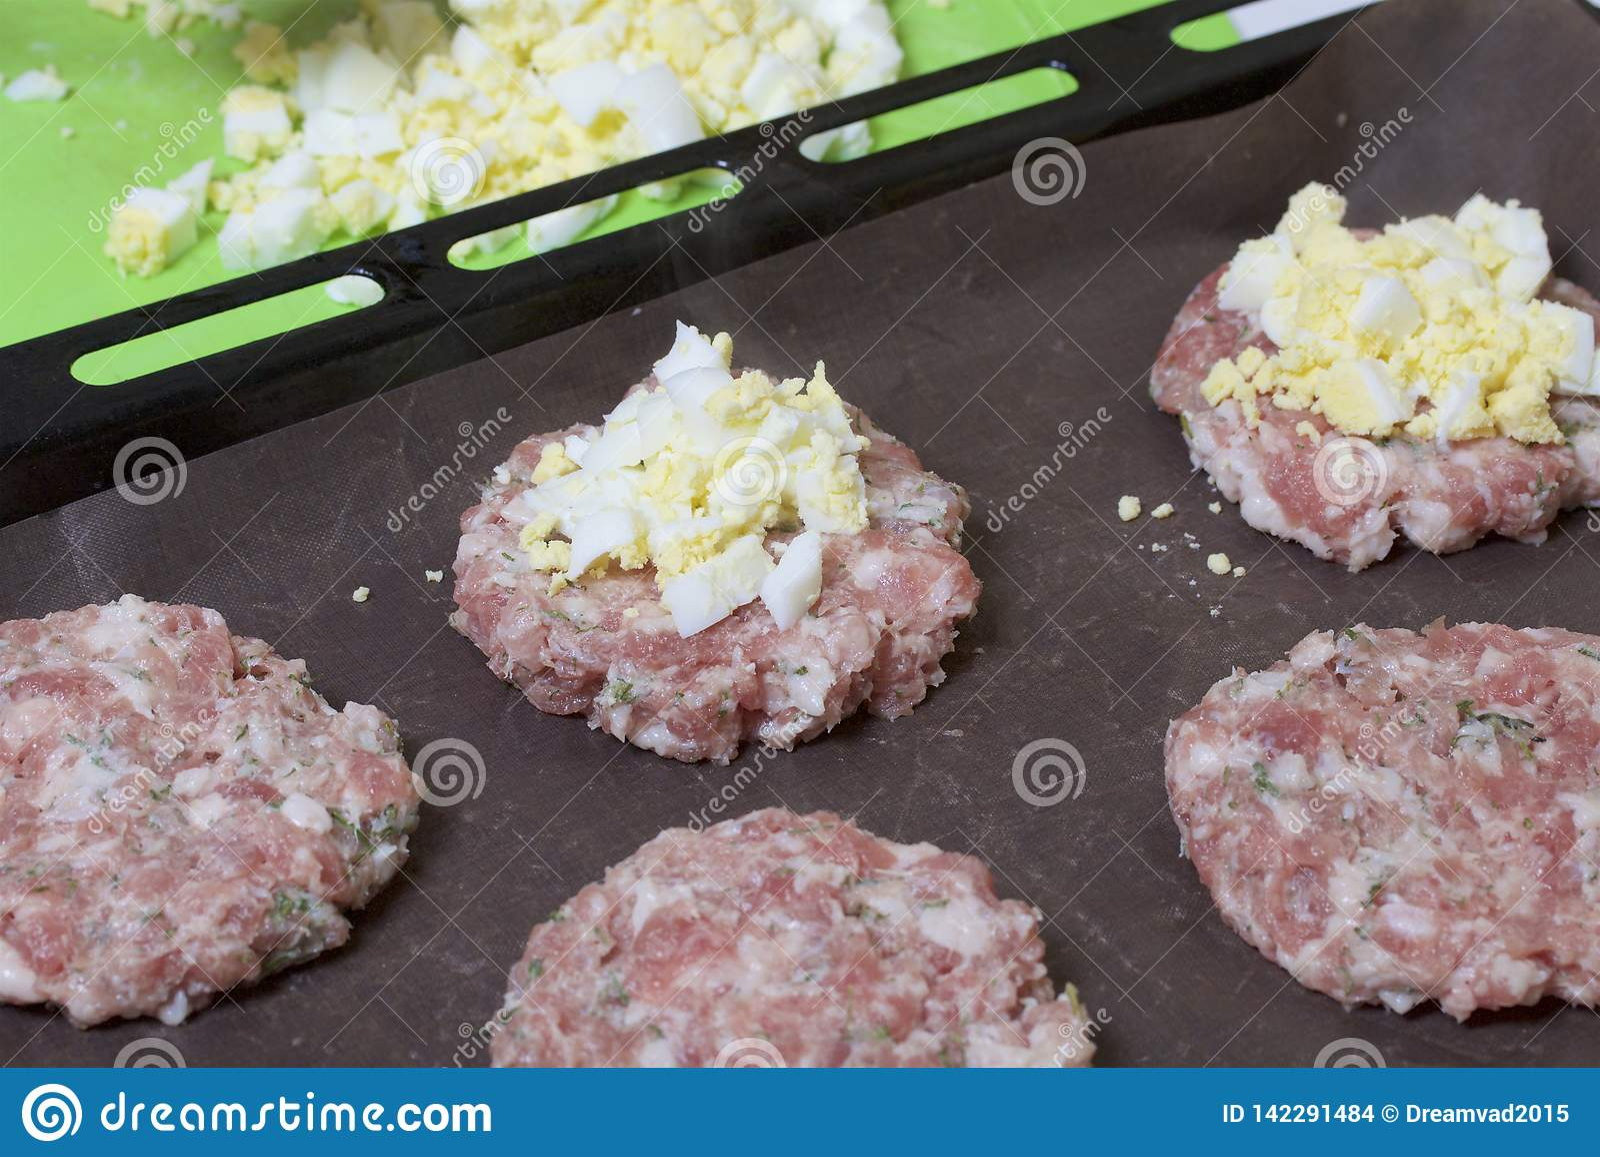 Eieren van de vrouwen de verbrijzeling gekookte kip Gehaktlapjes vlees met aardappels, eieren en kaas Kokende stappen en ingredië